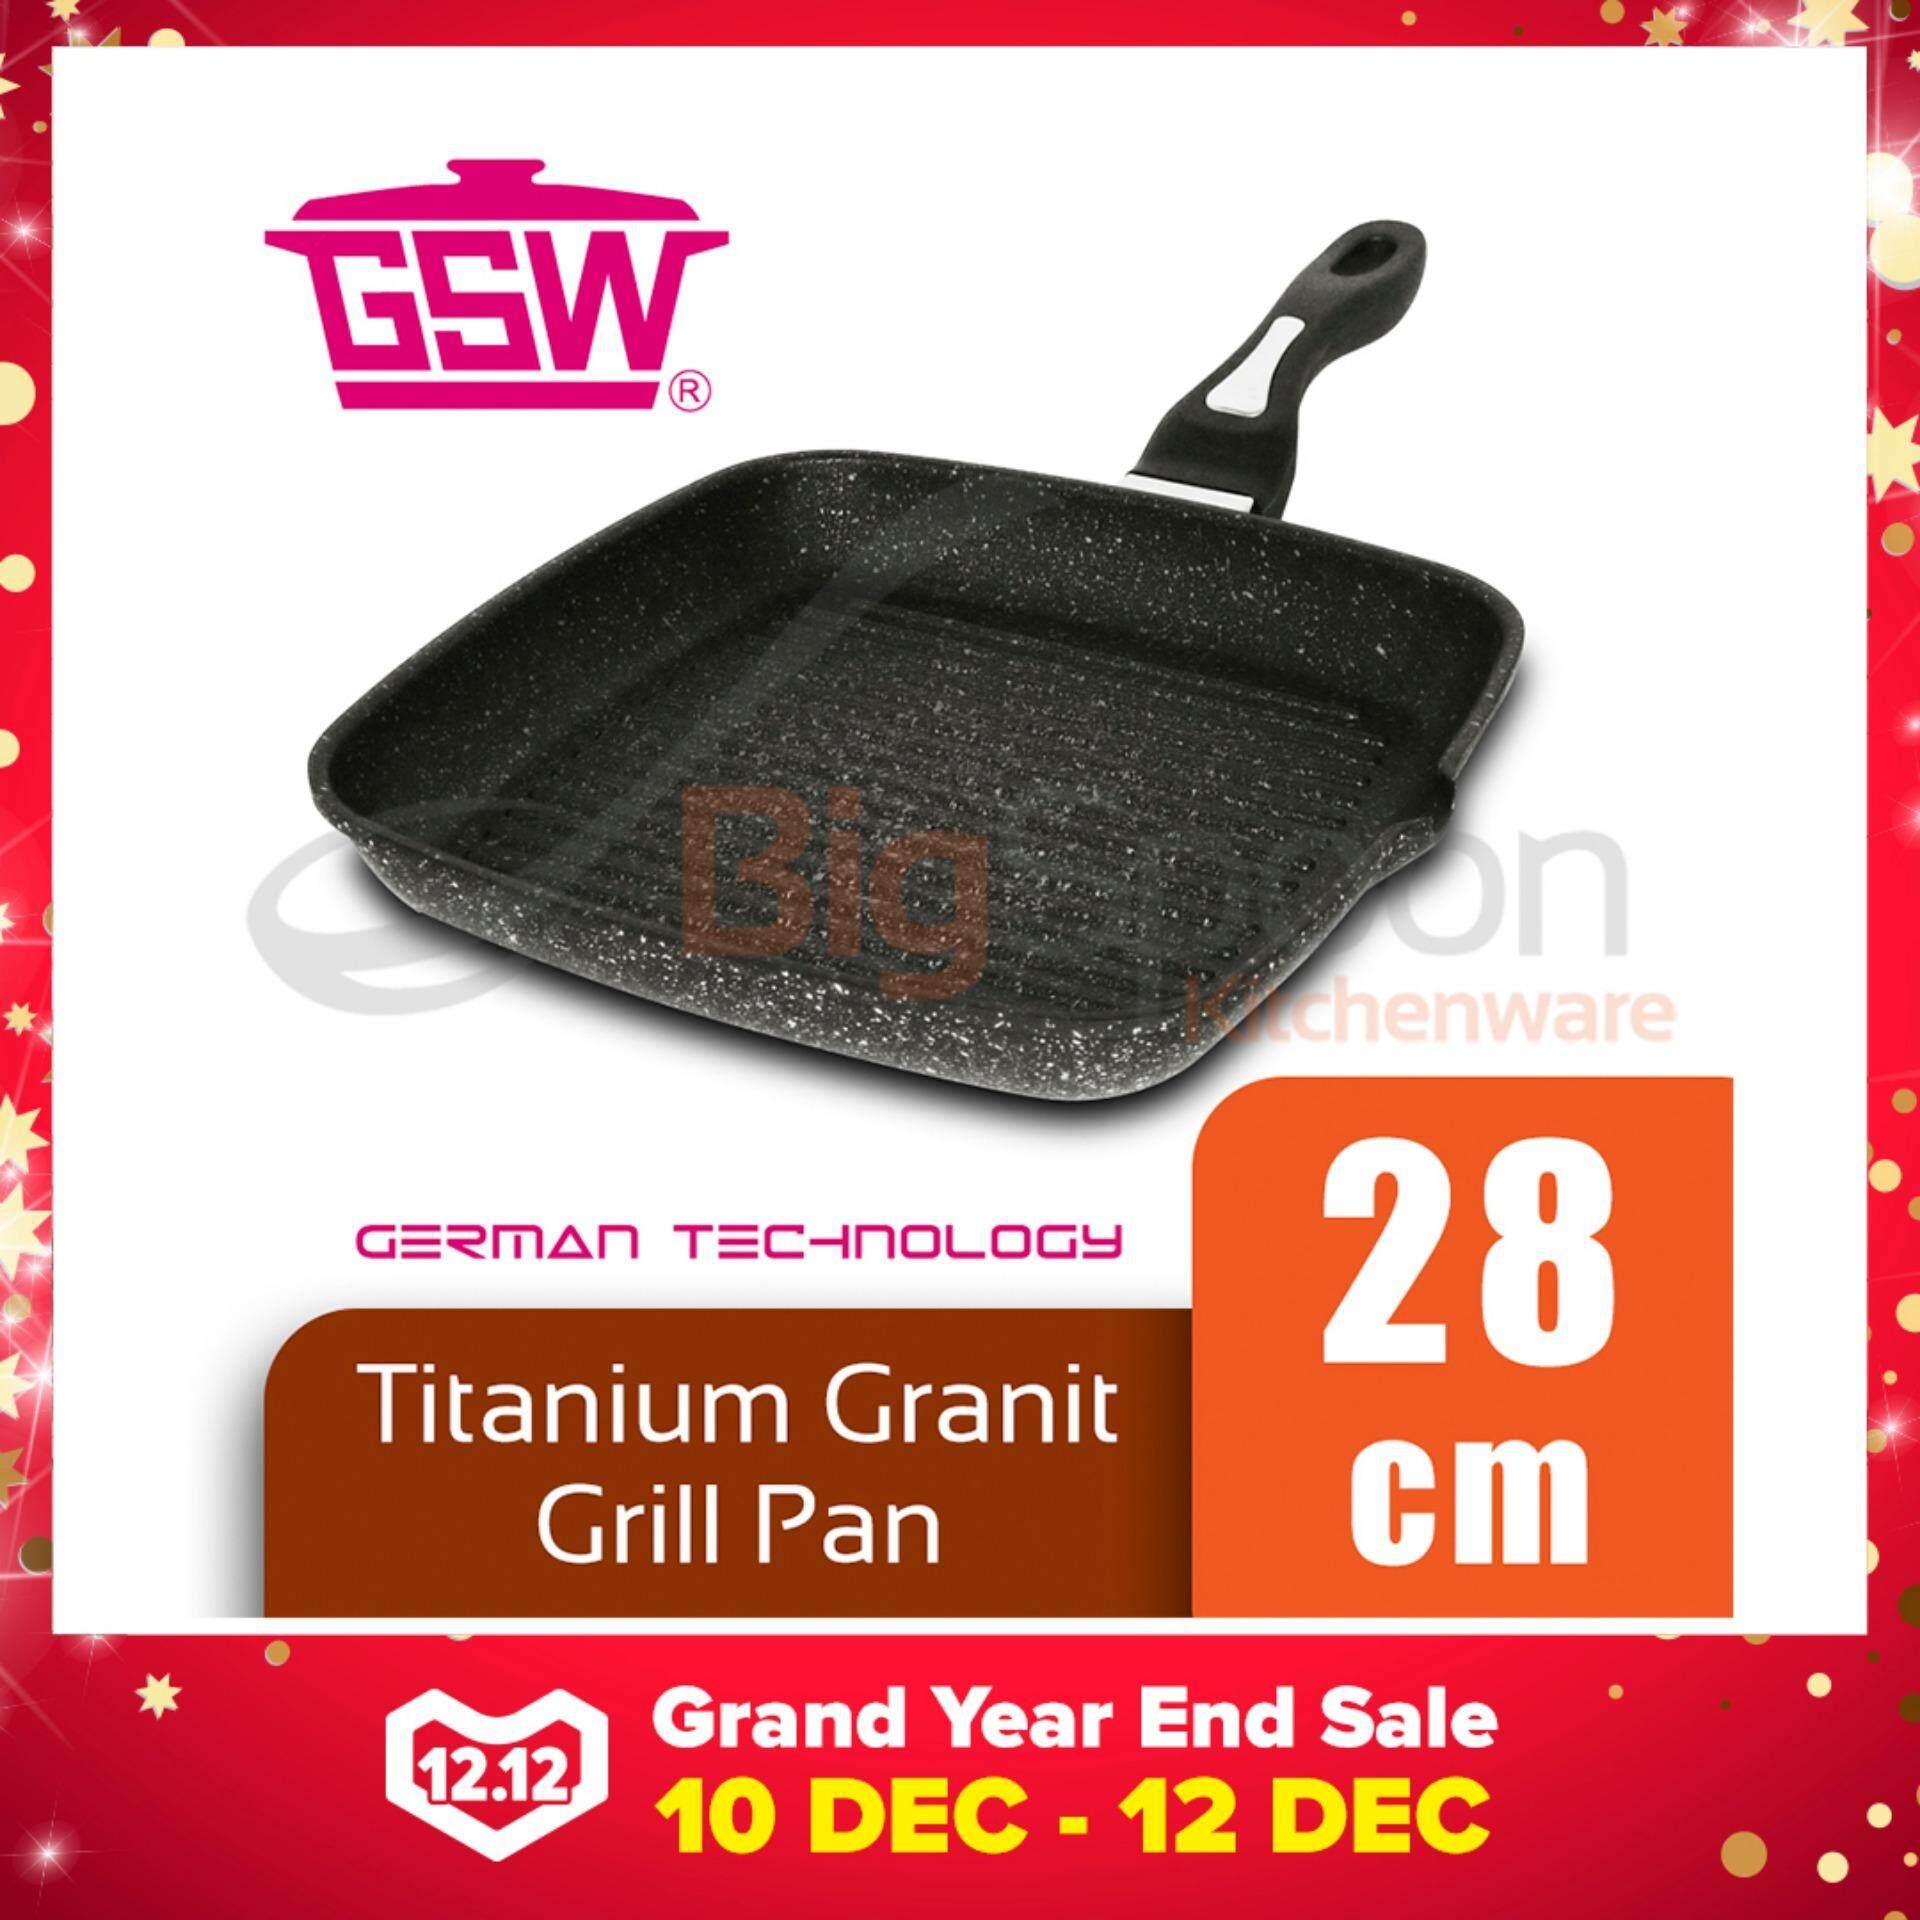 GSW Titanium Granit FerroTherm Grill Pan 28cm